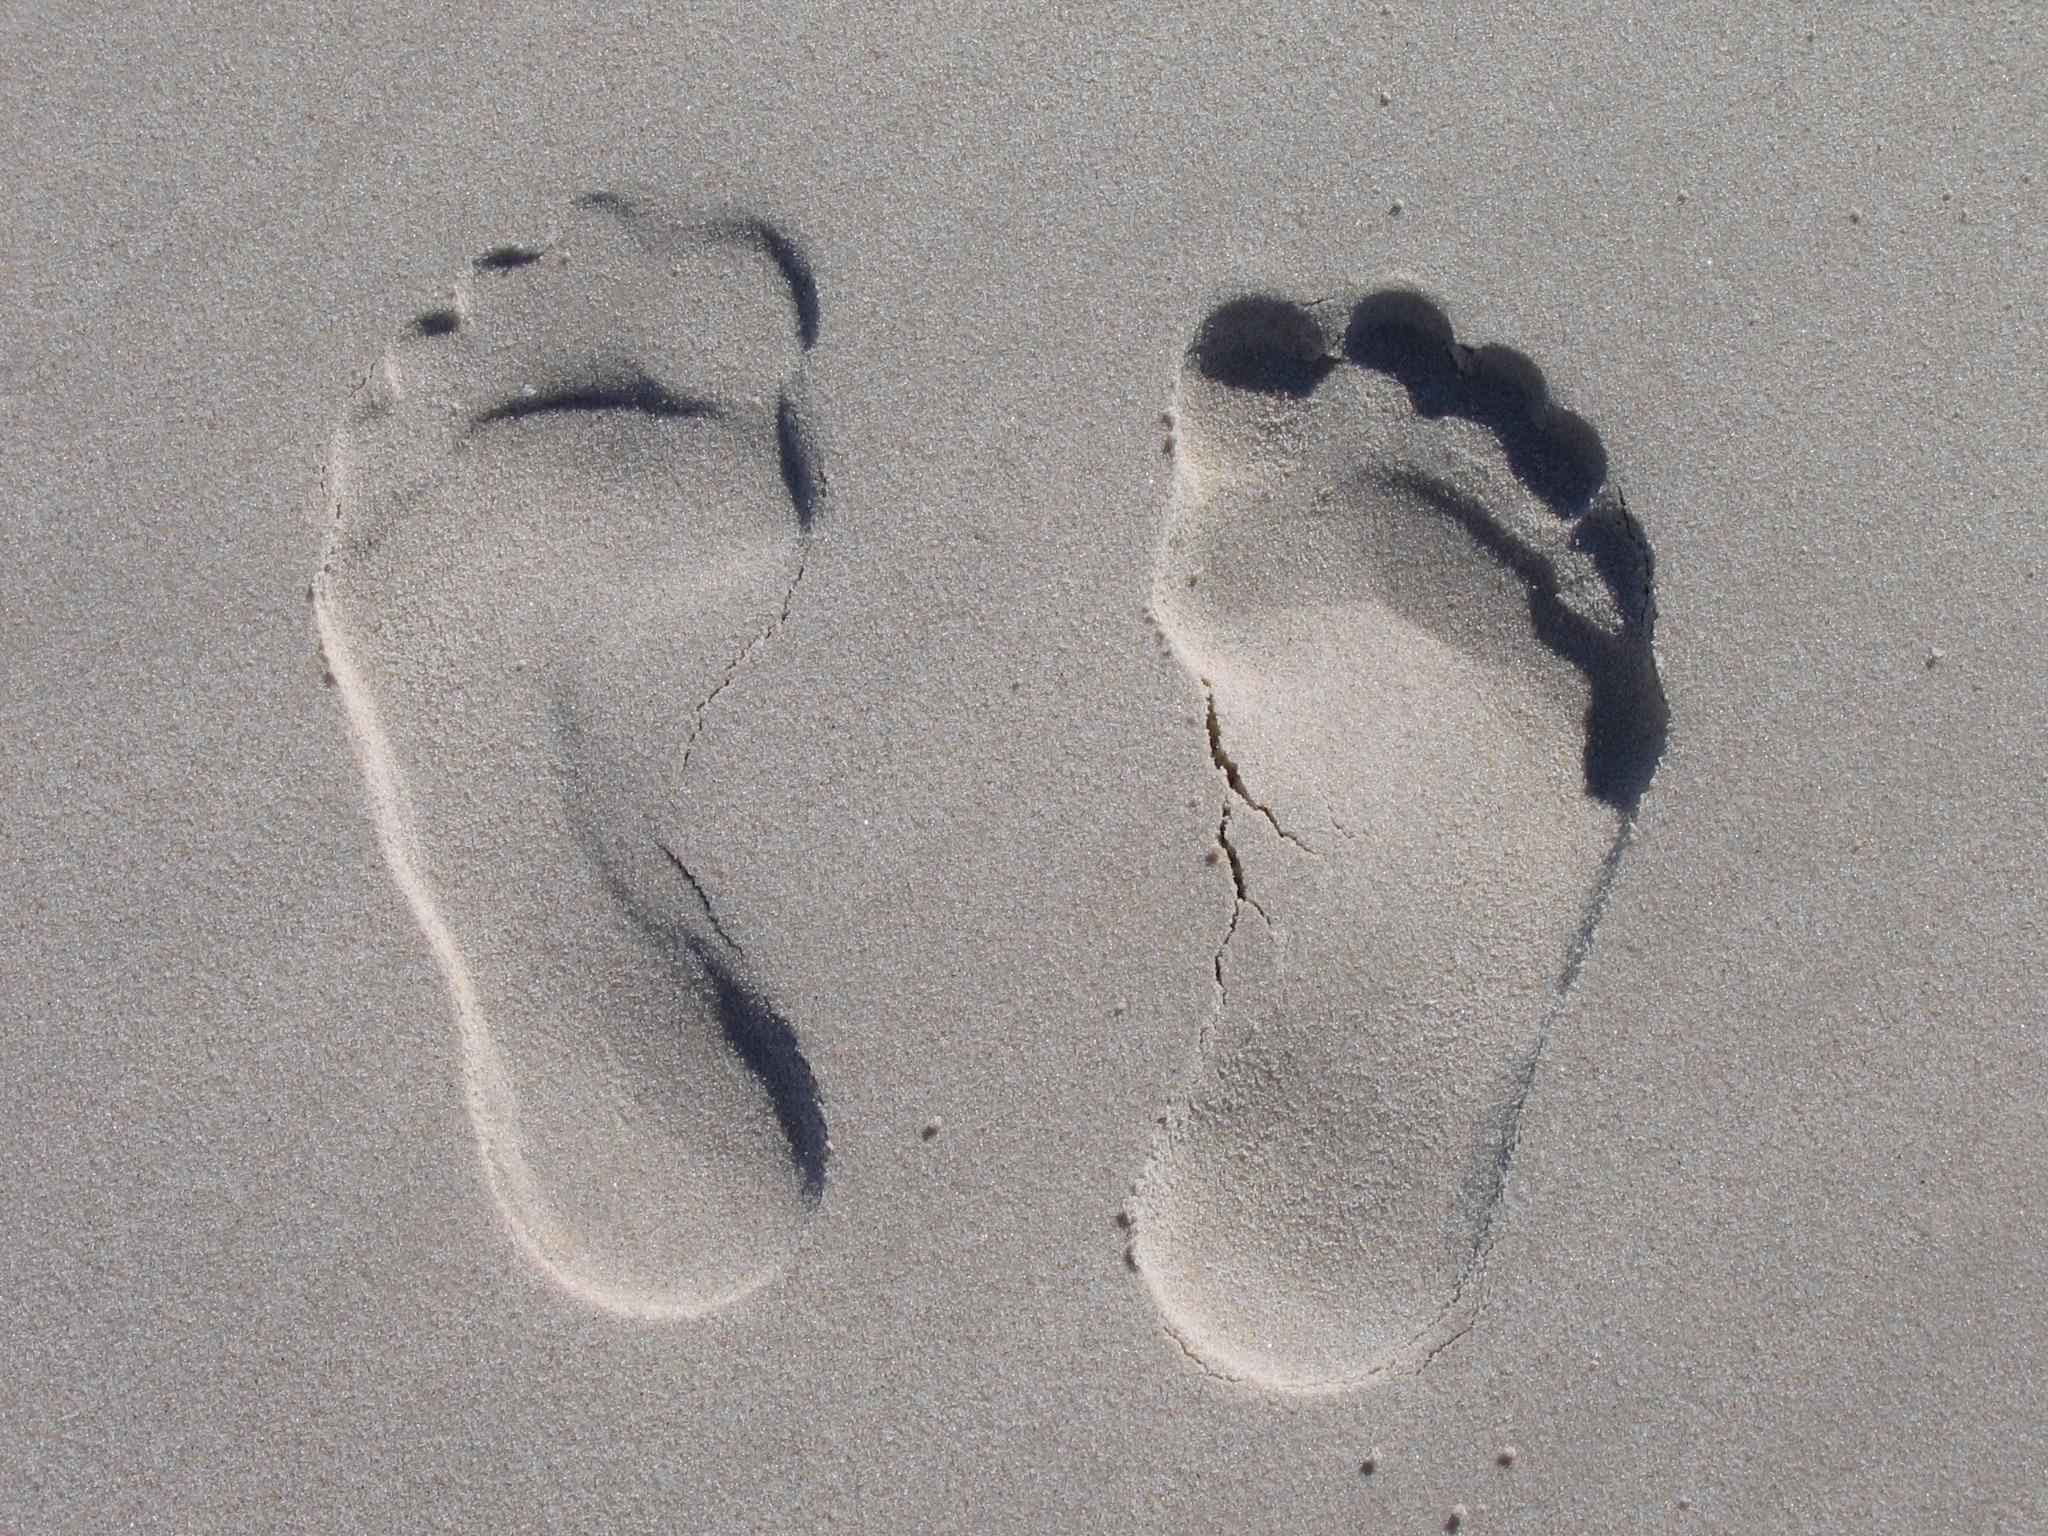 Отпечаток ноги фото картинка